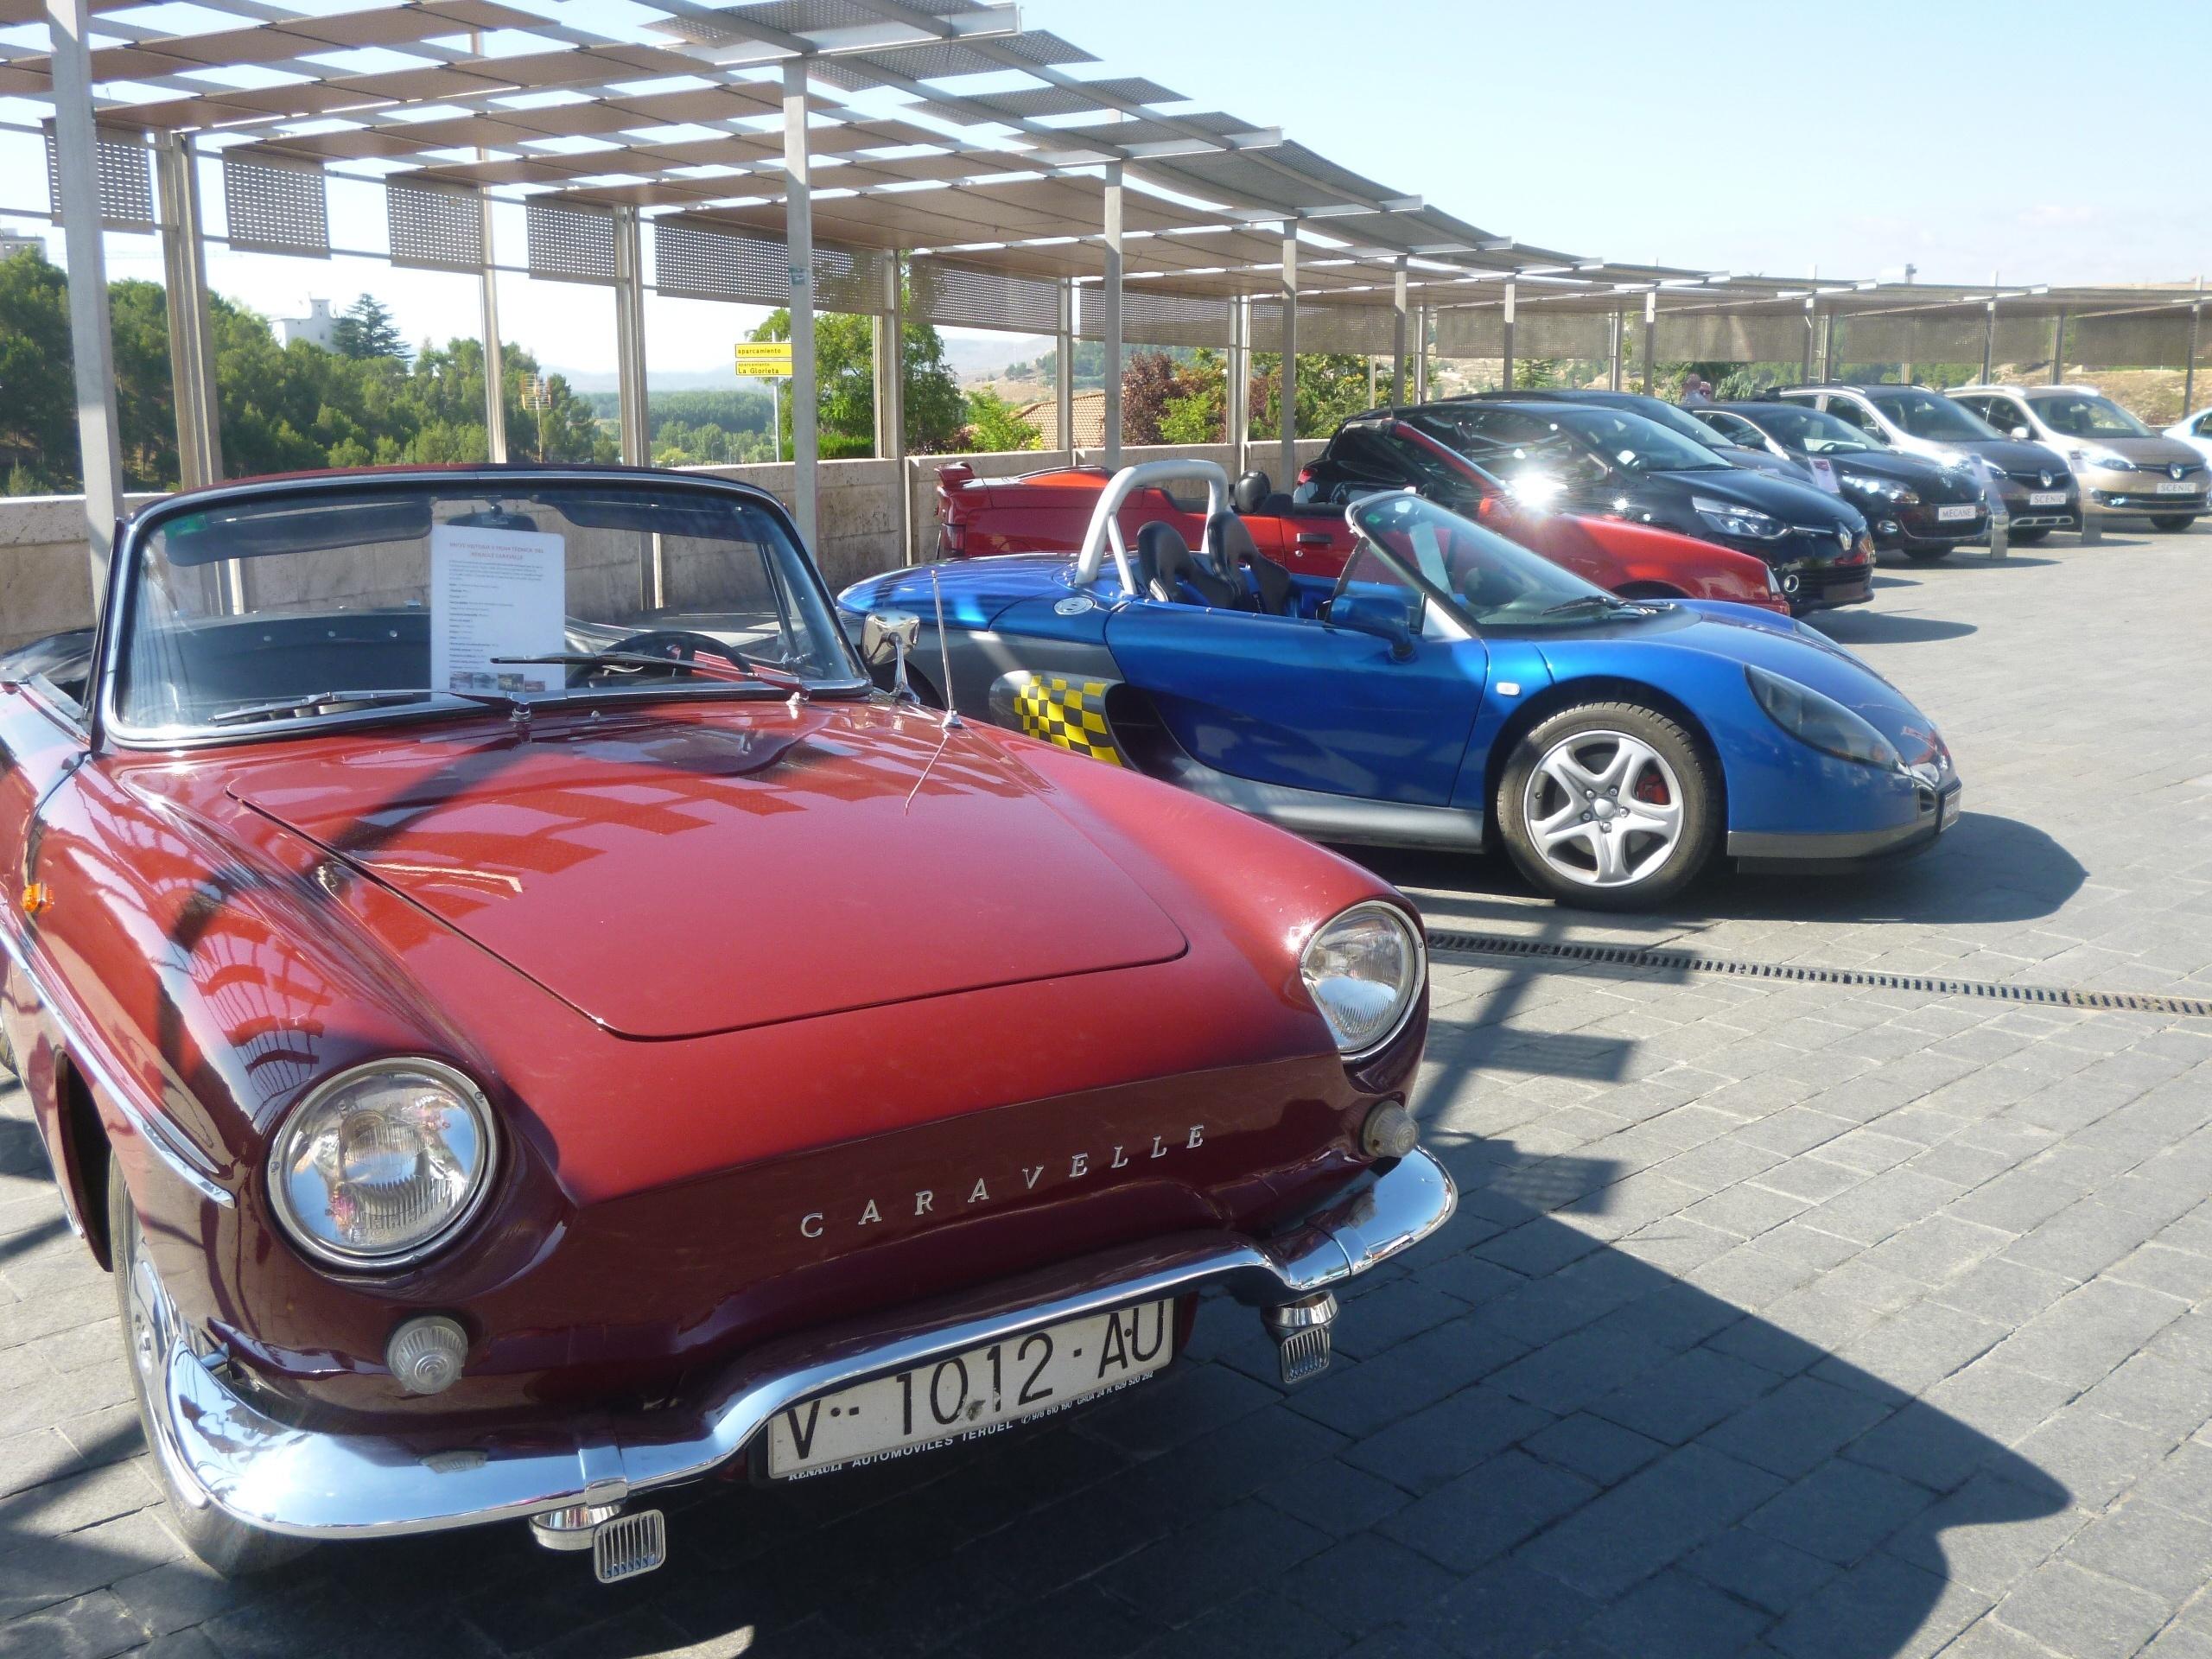 Una exposición recorre en Teruel la evolución de los coches de Renault desde mediados del siglo XX hasta la actualidad